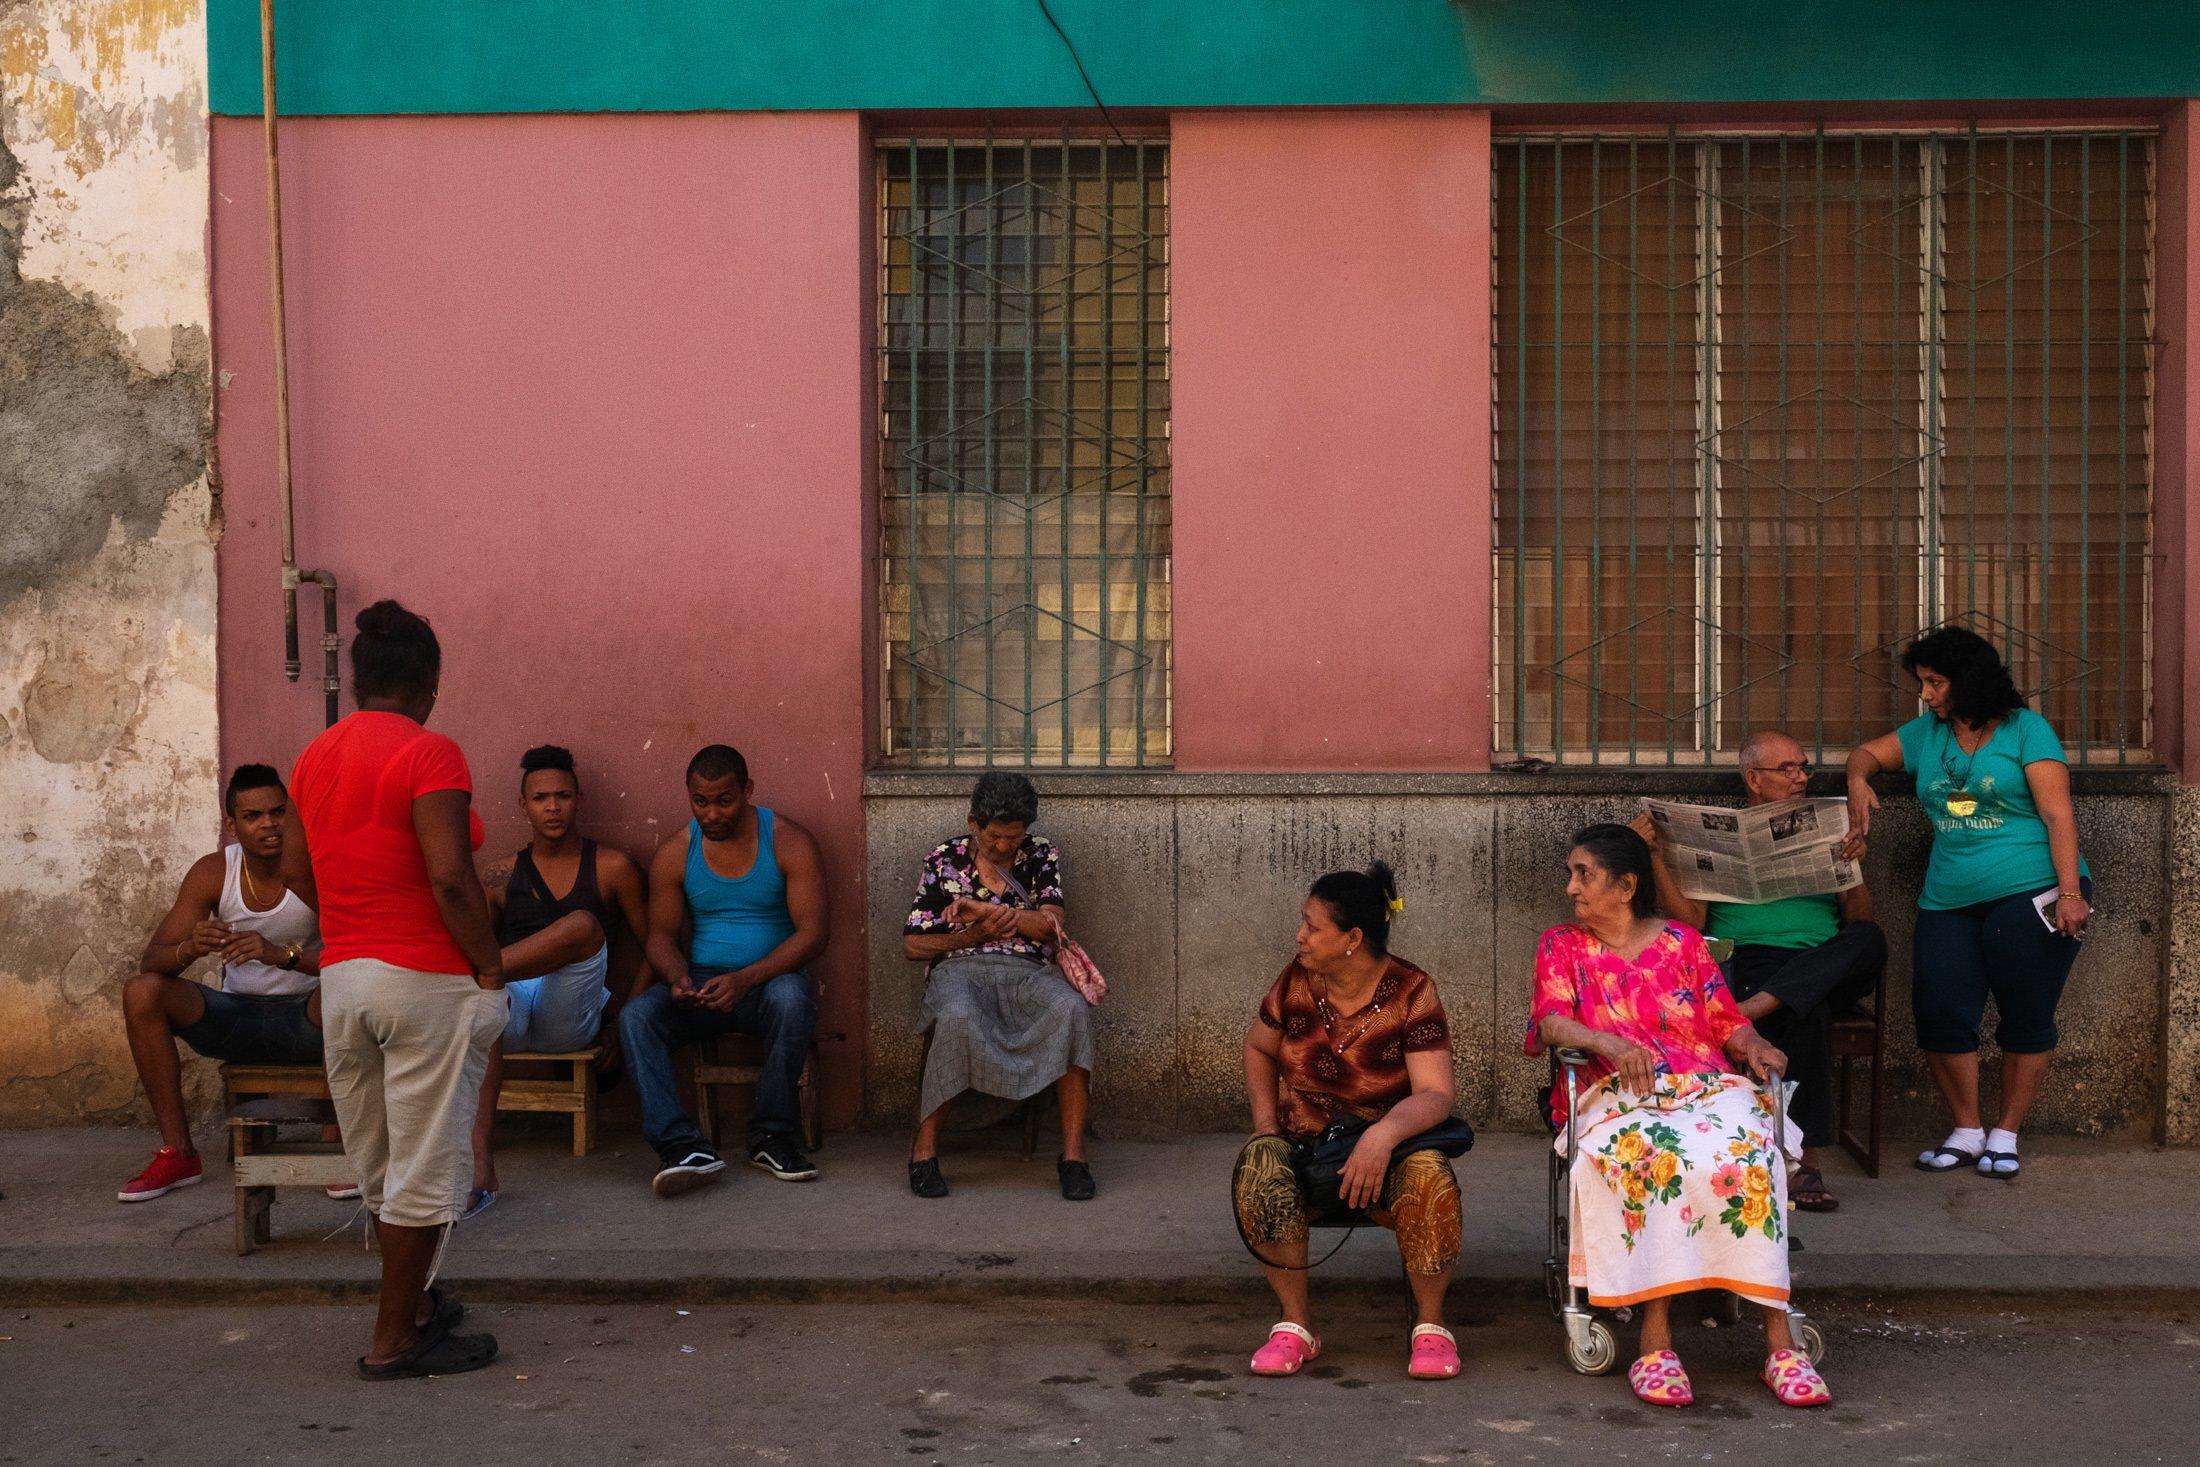 group shot at Trinidad, Cuba